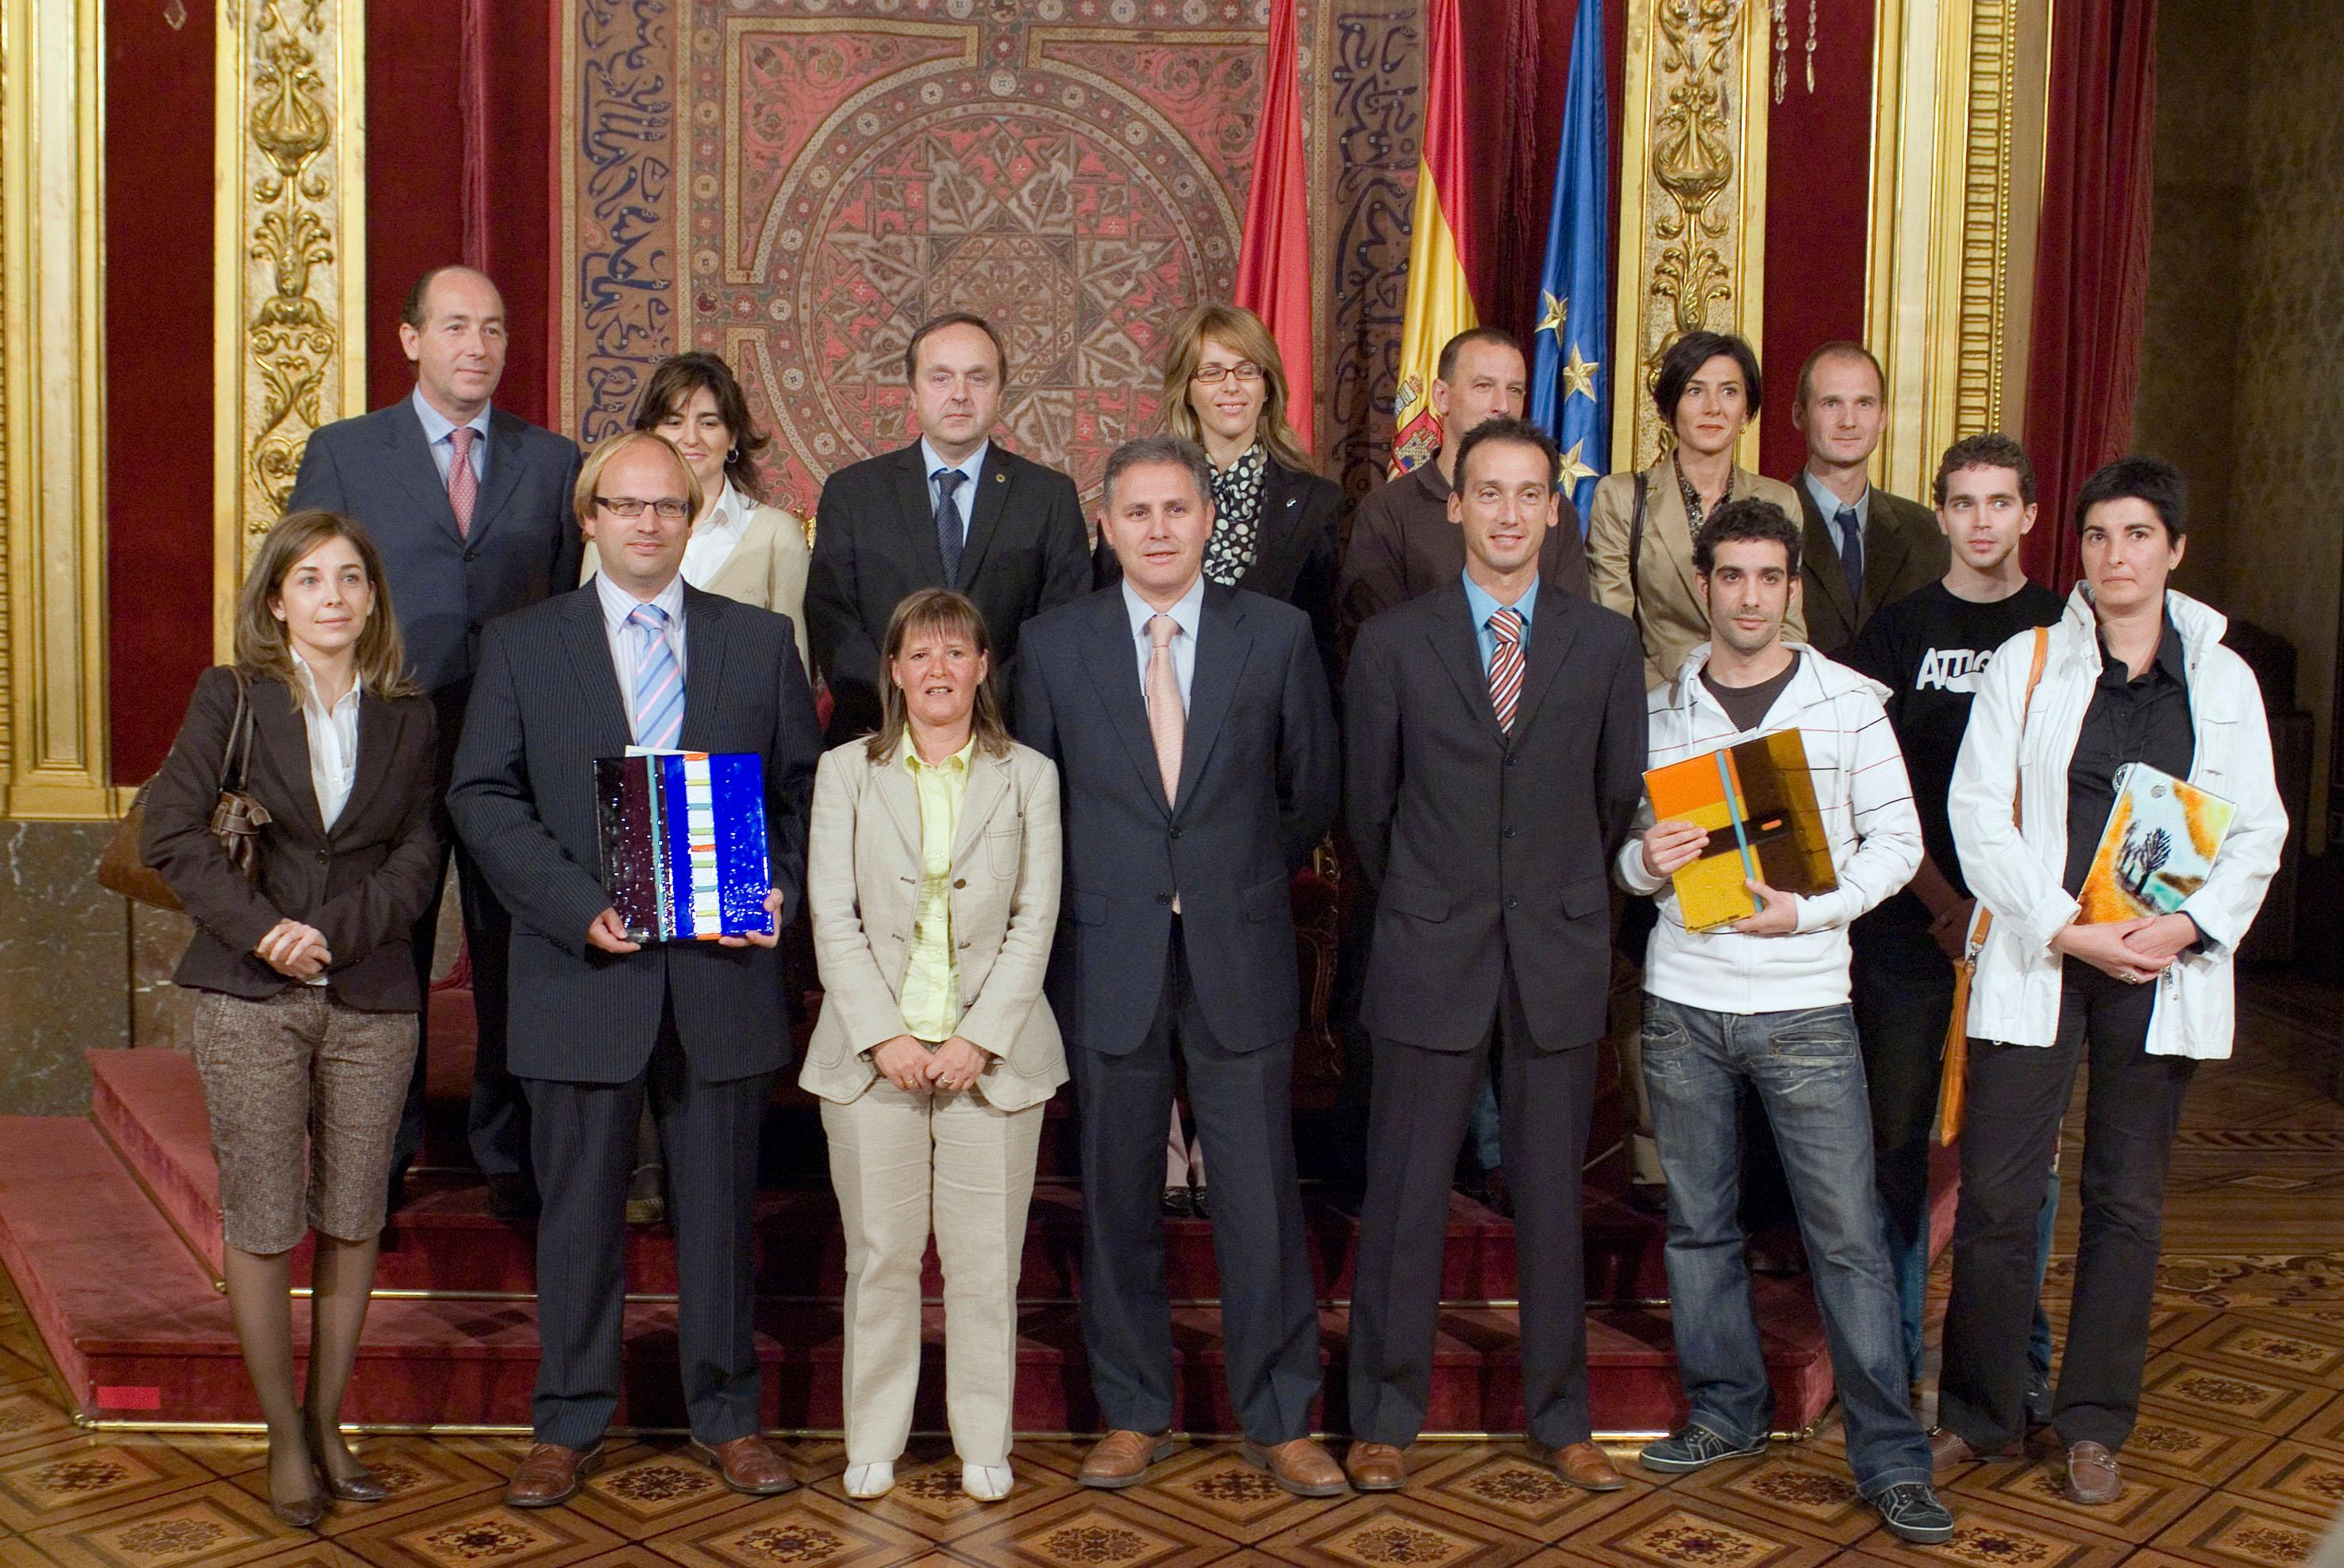 Institución Fututo gana el premio Web@ctiva 2006 al mejor proyecto web